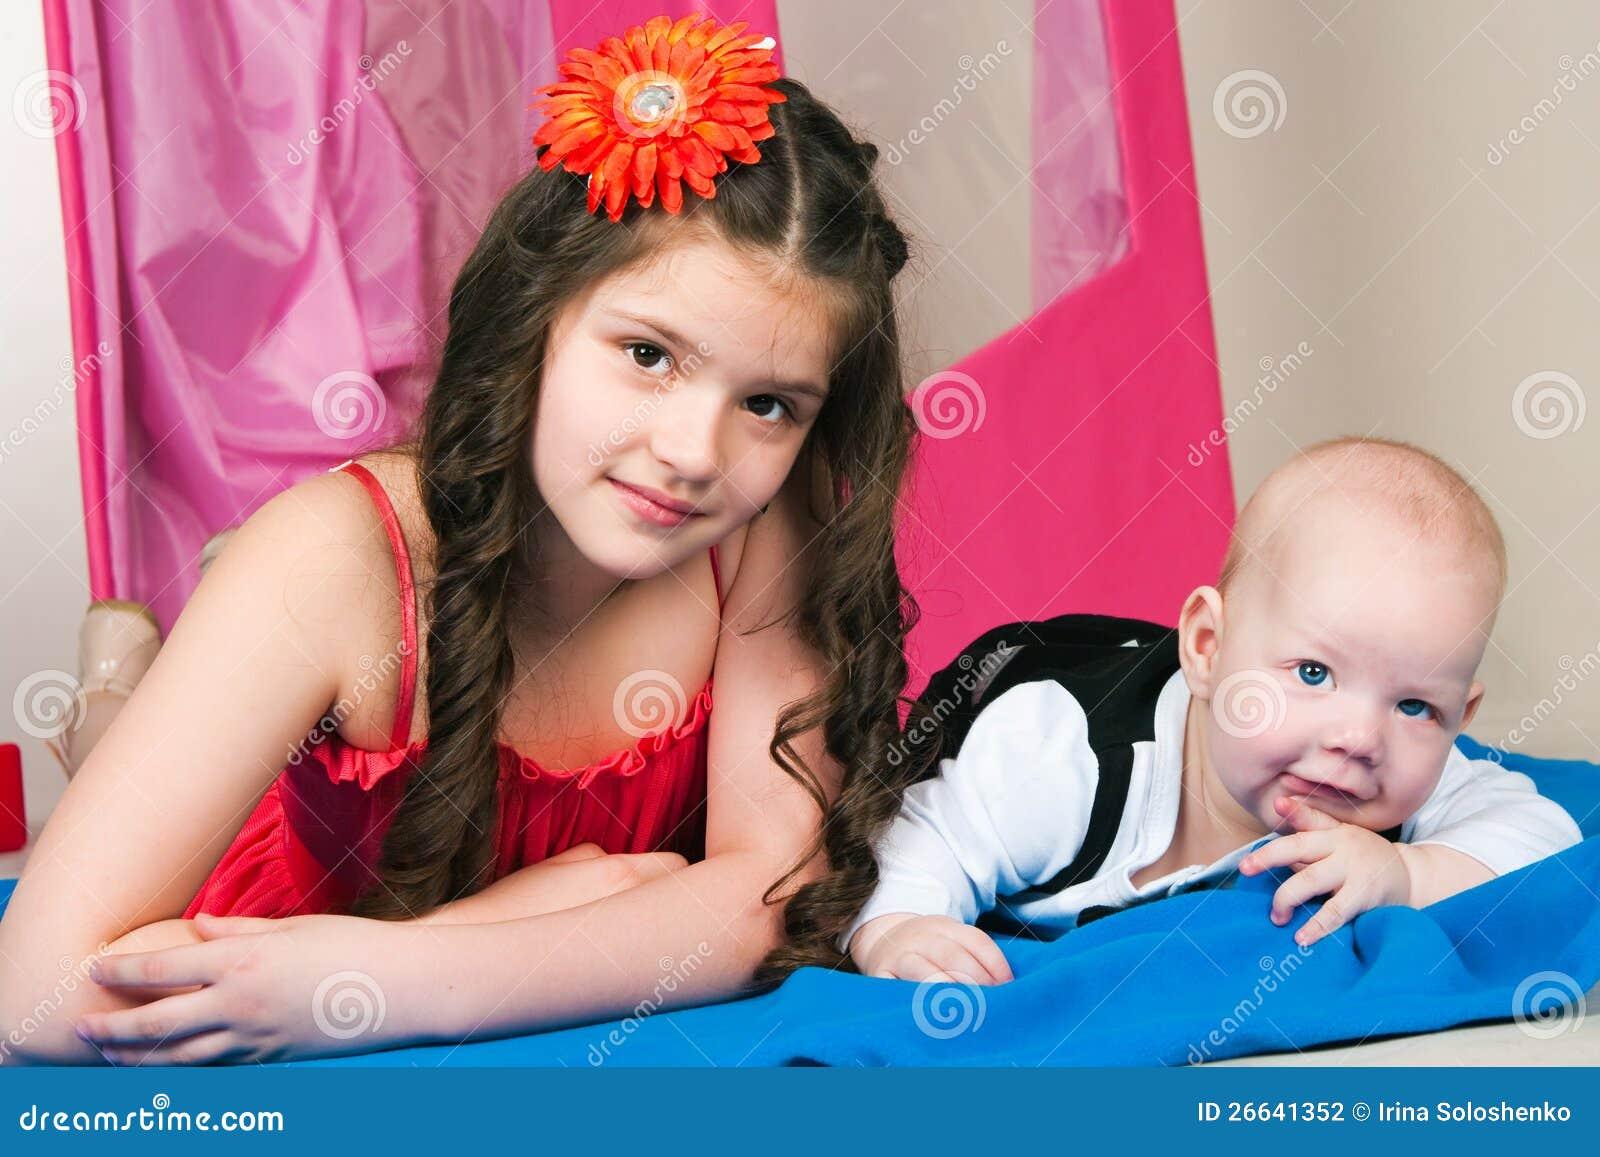 Русское брат кончил в сестру, Брат зашёл к сестре))) смотреть онлайн видео брат 18 фотография